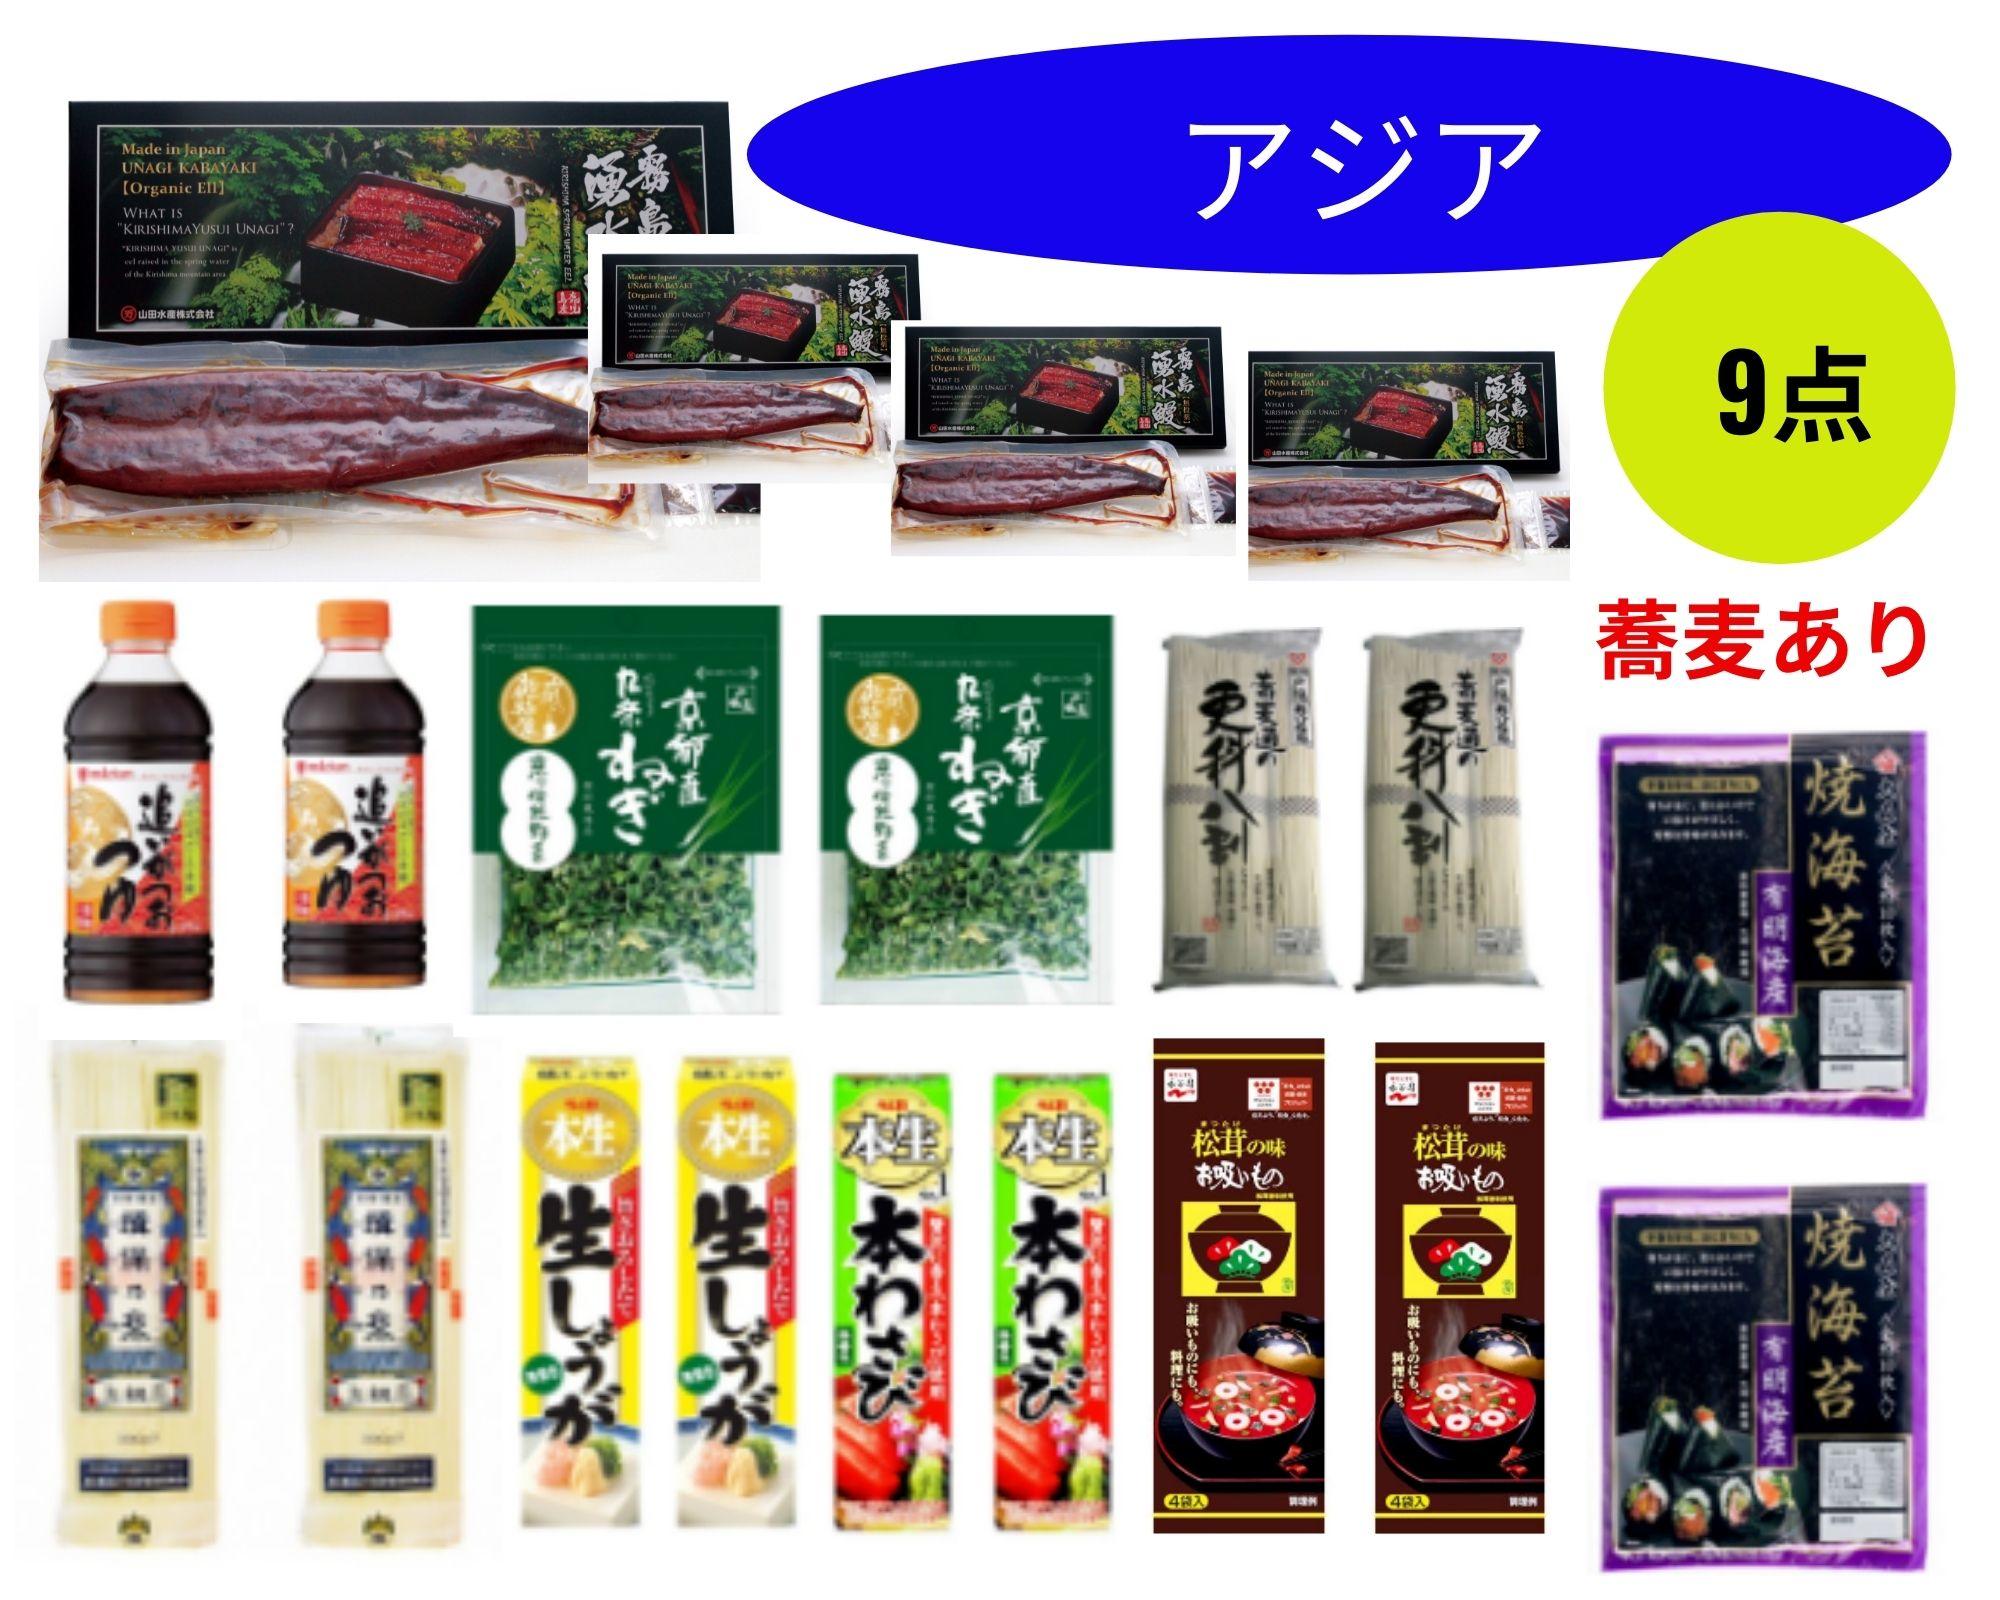 アジア地域限定商品 // 鰻+プラス(9点セット)※蕎麦あり